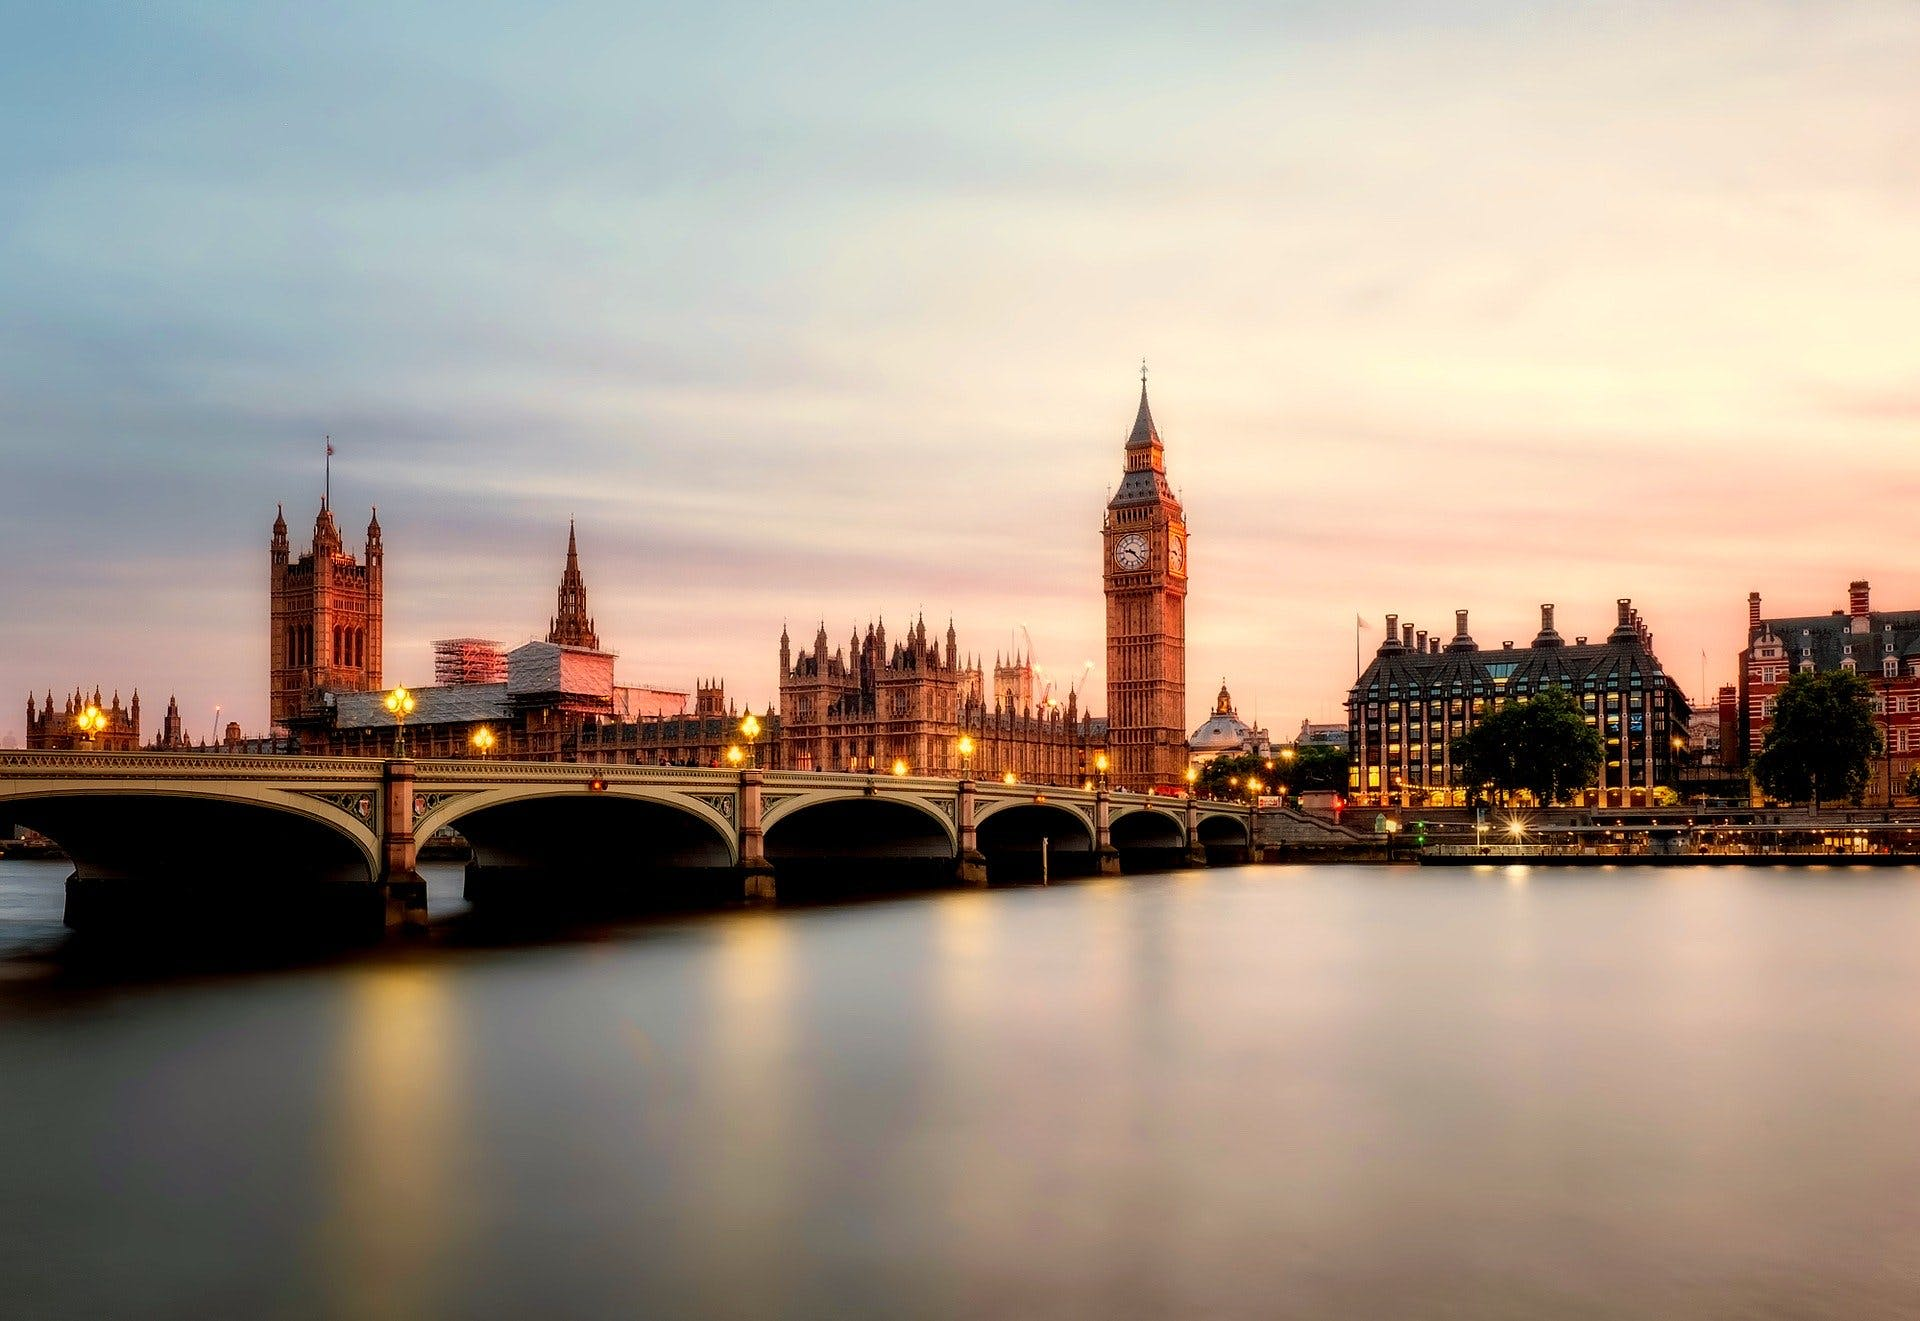 London, photo by Pixabay